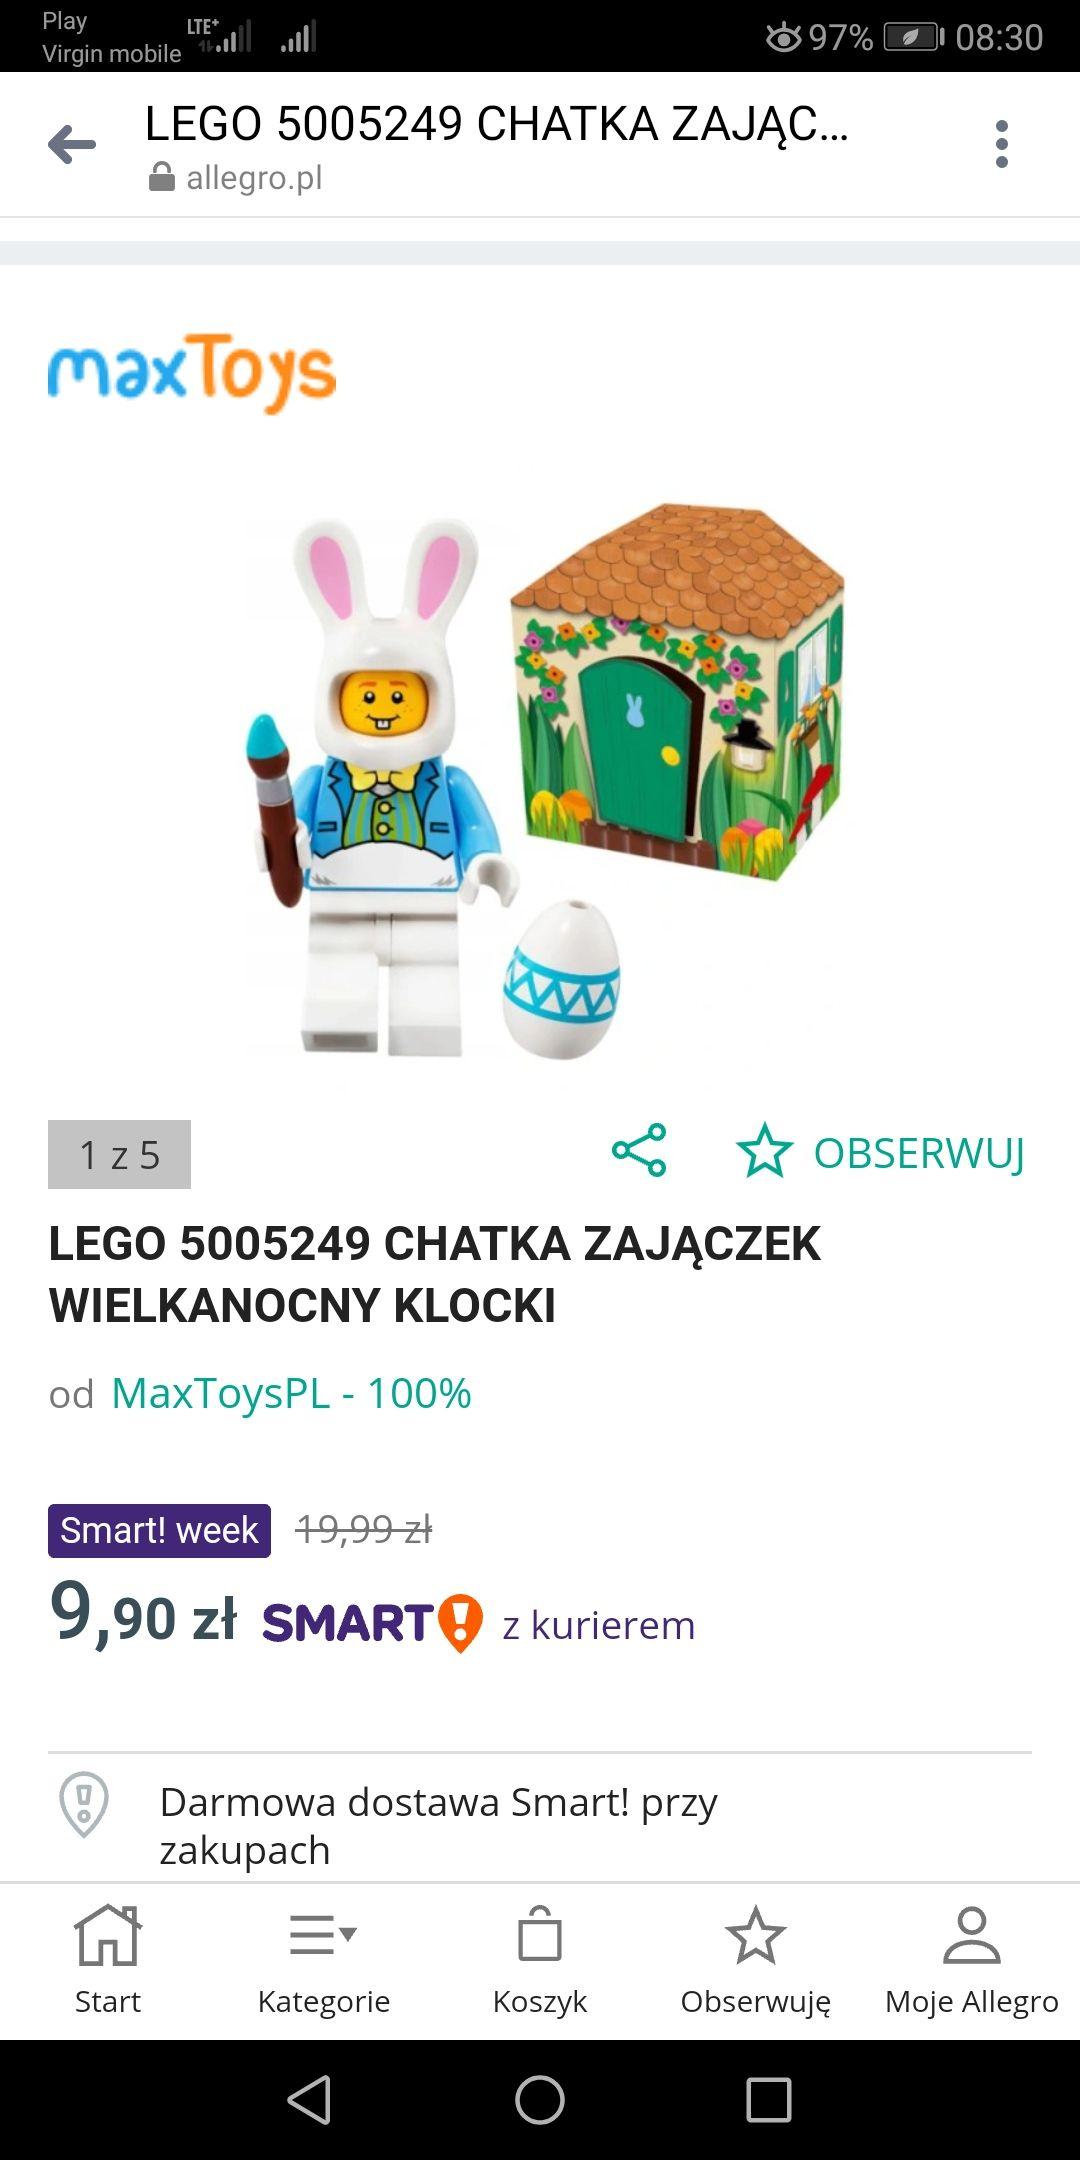 Klocki Lego Chatka Zajączka Wielkanocnego